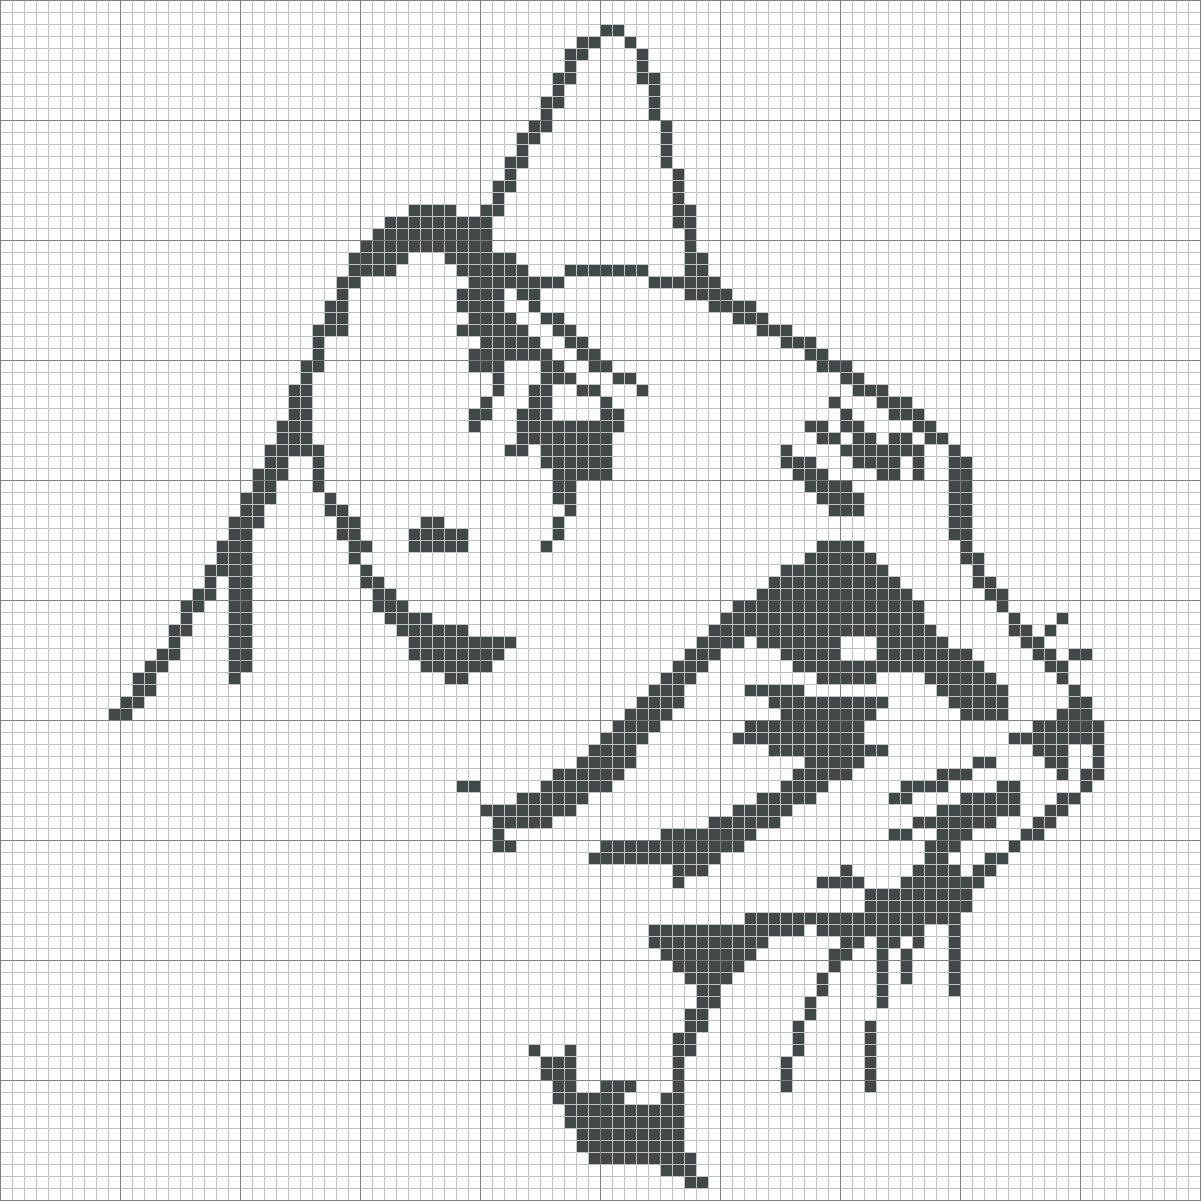 Cat grilles point de croix grille gratuite t te de chat - Grille point de croix gratuite a imprimer ...